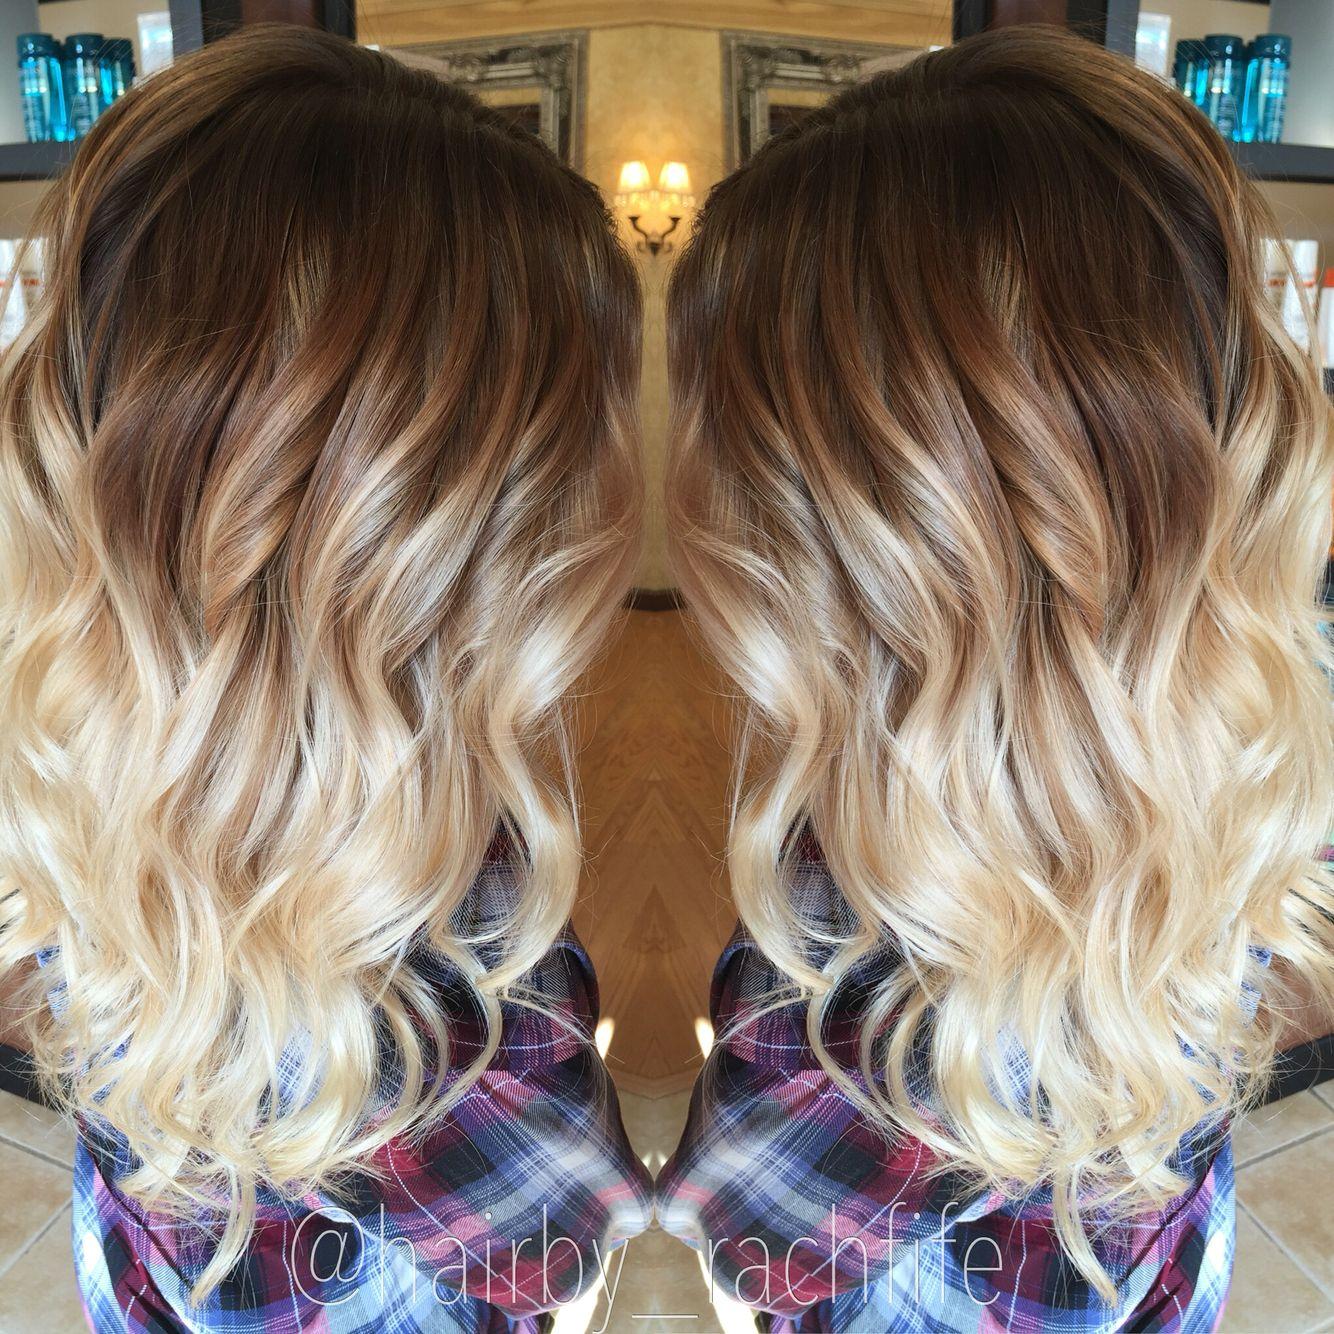 Custom color blonde colormelt ombre hair by rachel fife sf salon